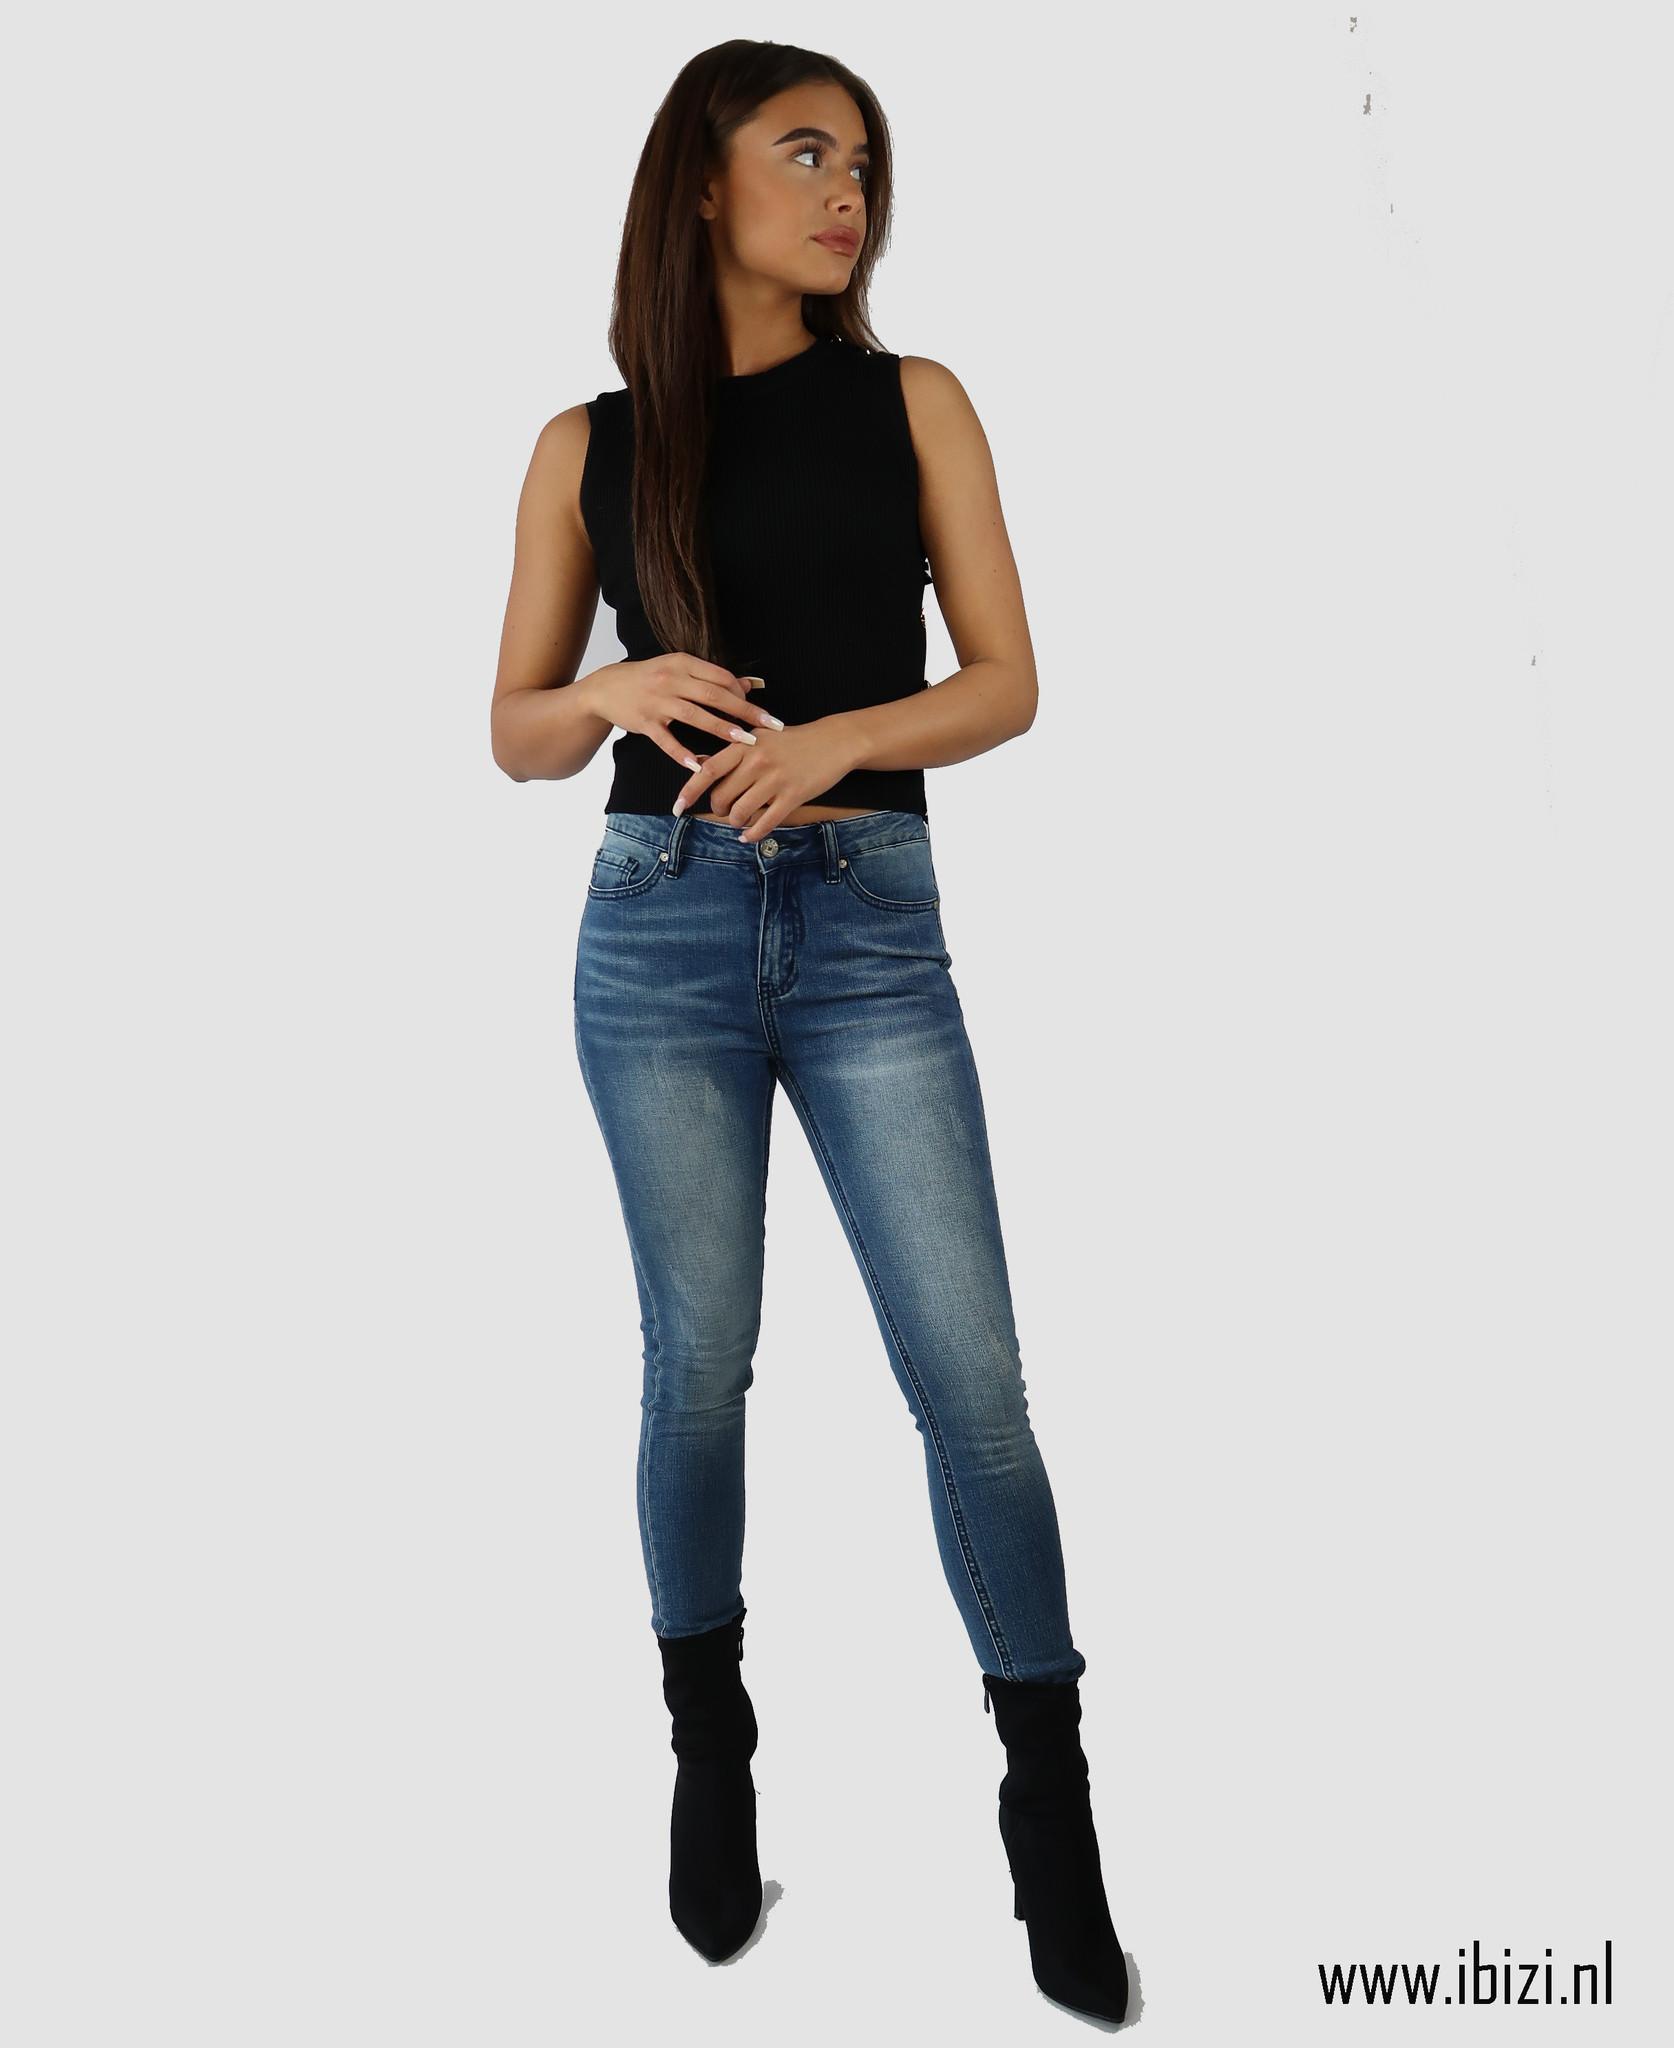 Denim Jeans - Dames Spijkerbroek Combineren